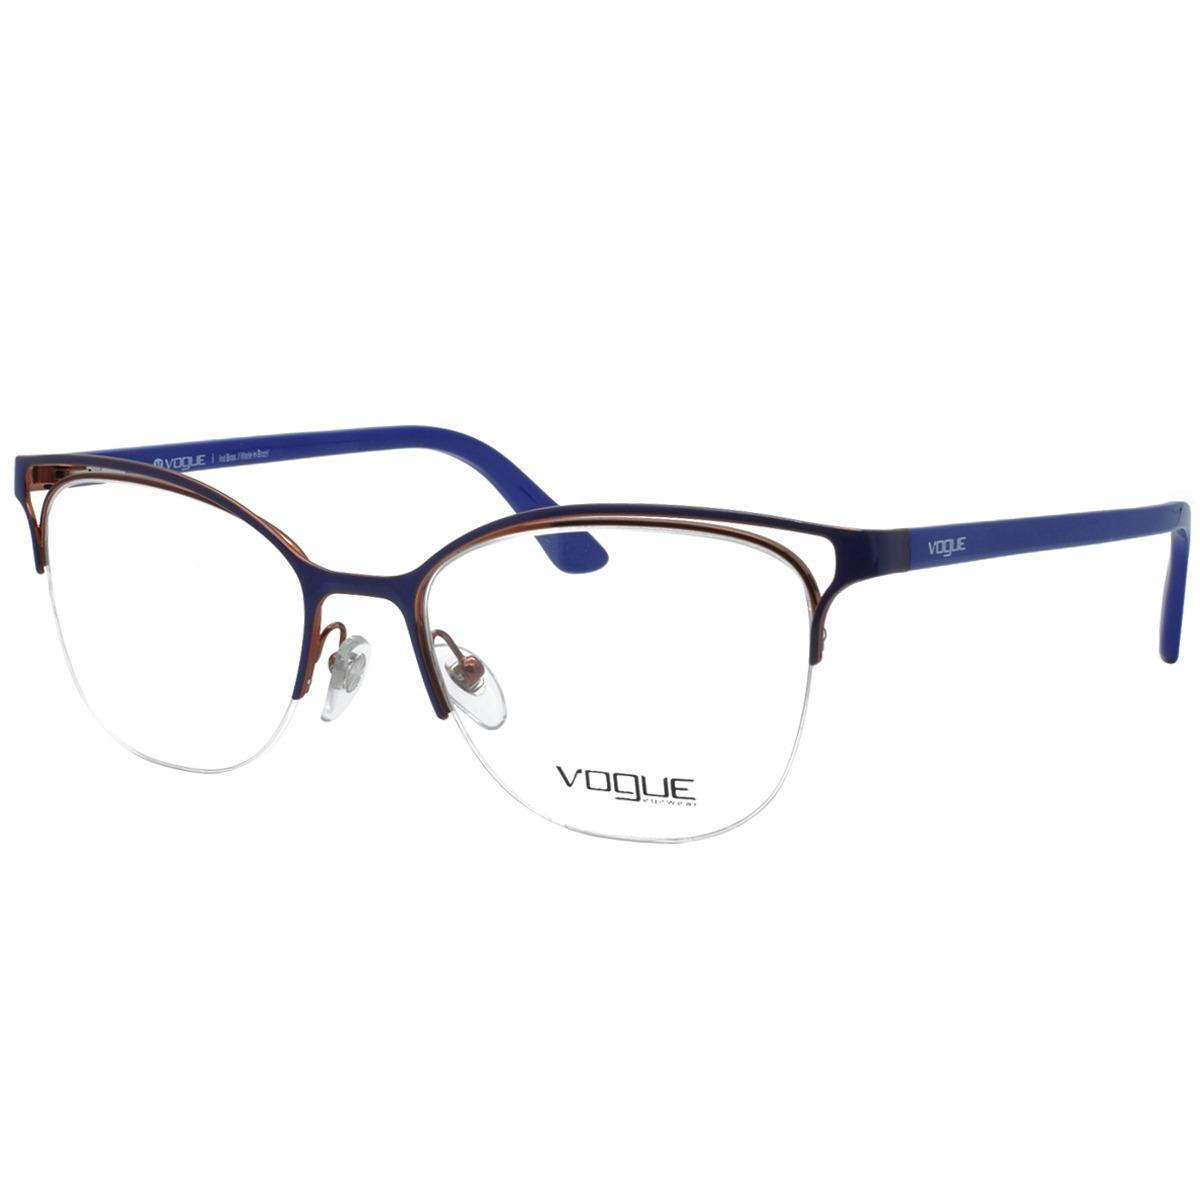 cf484af2b8acf óculos de grau vogue feminino original vo4087l 5080. Carregando zoom.